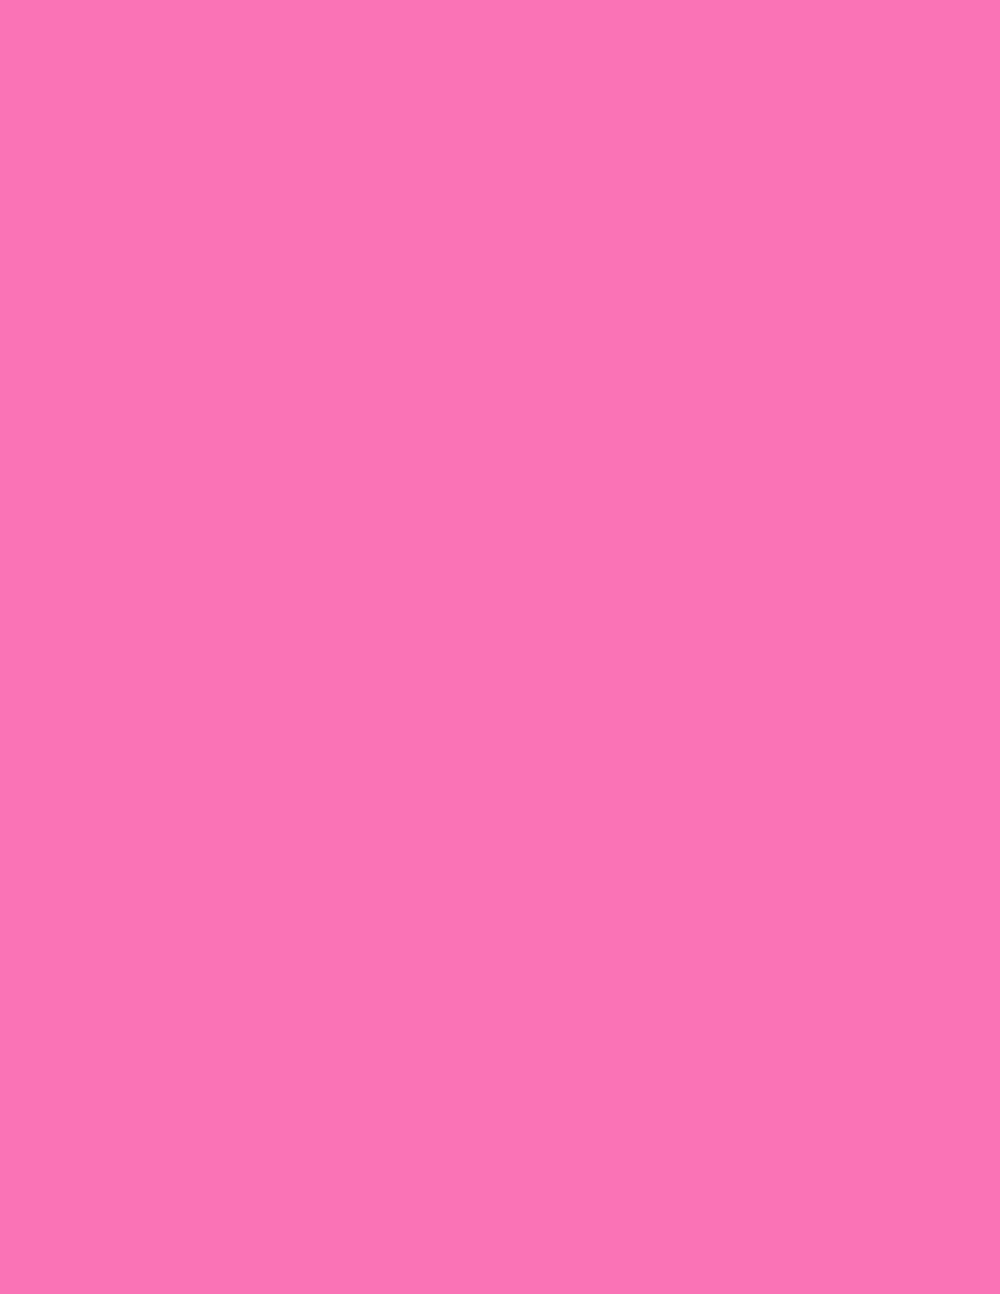 04 blank pink.jpg